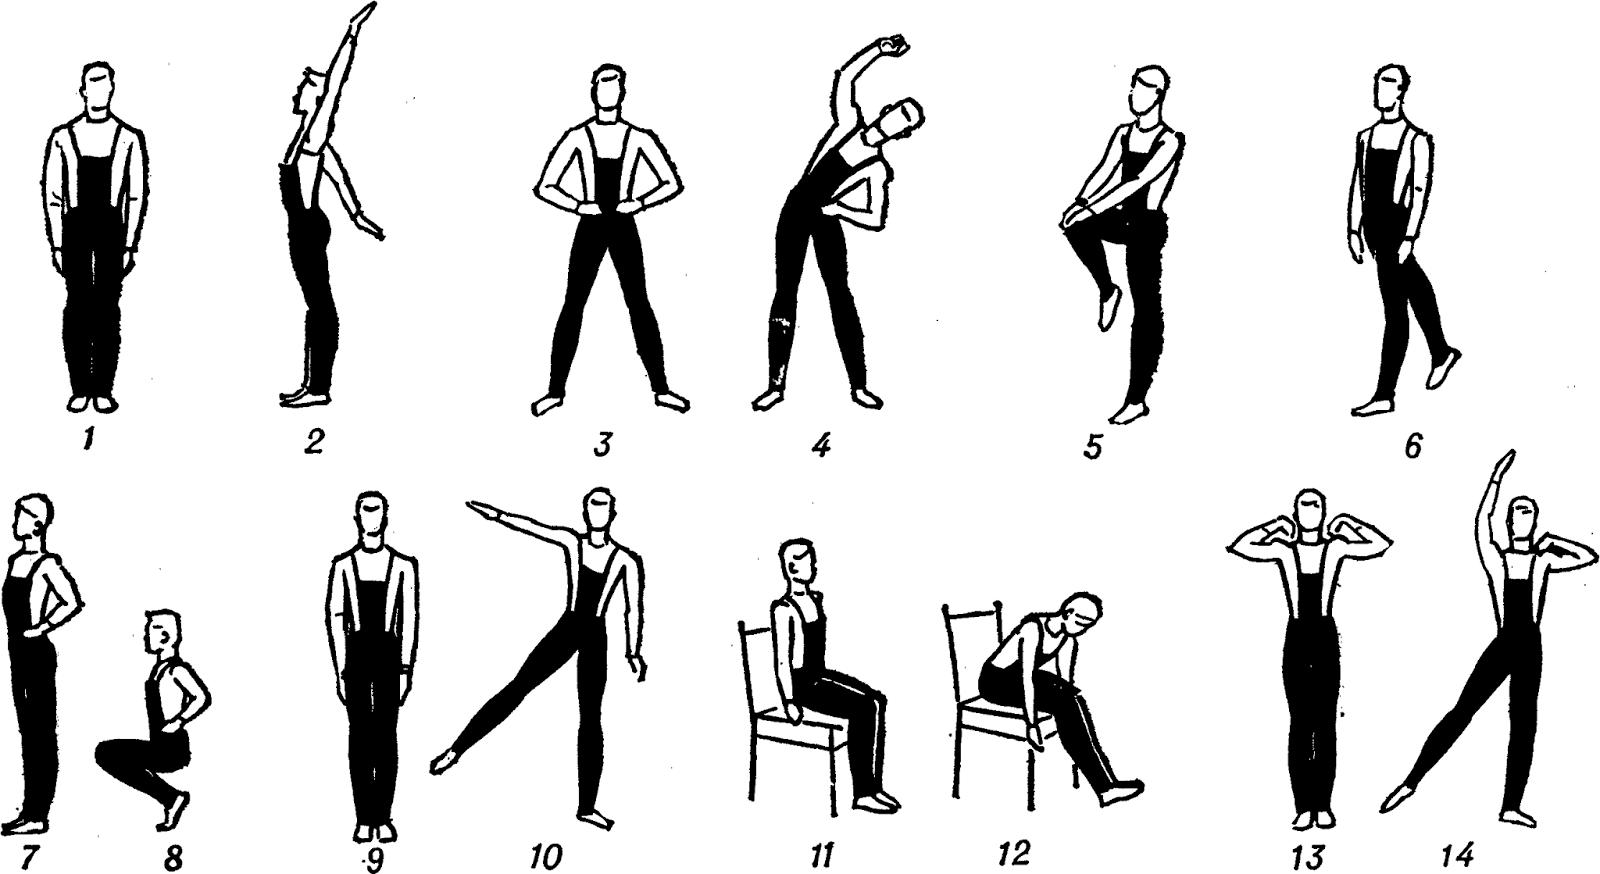 офисная гимнастика упражнения картинках подробно этой